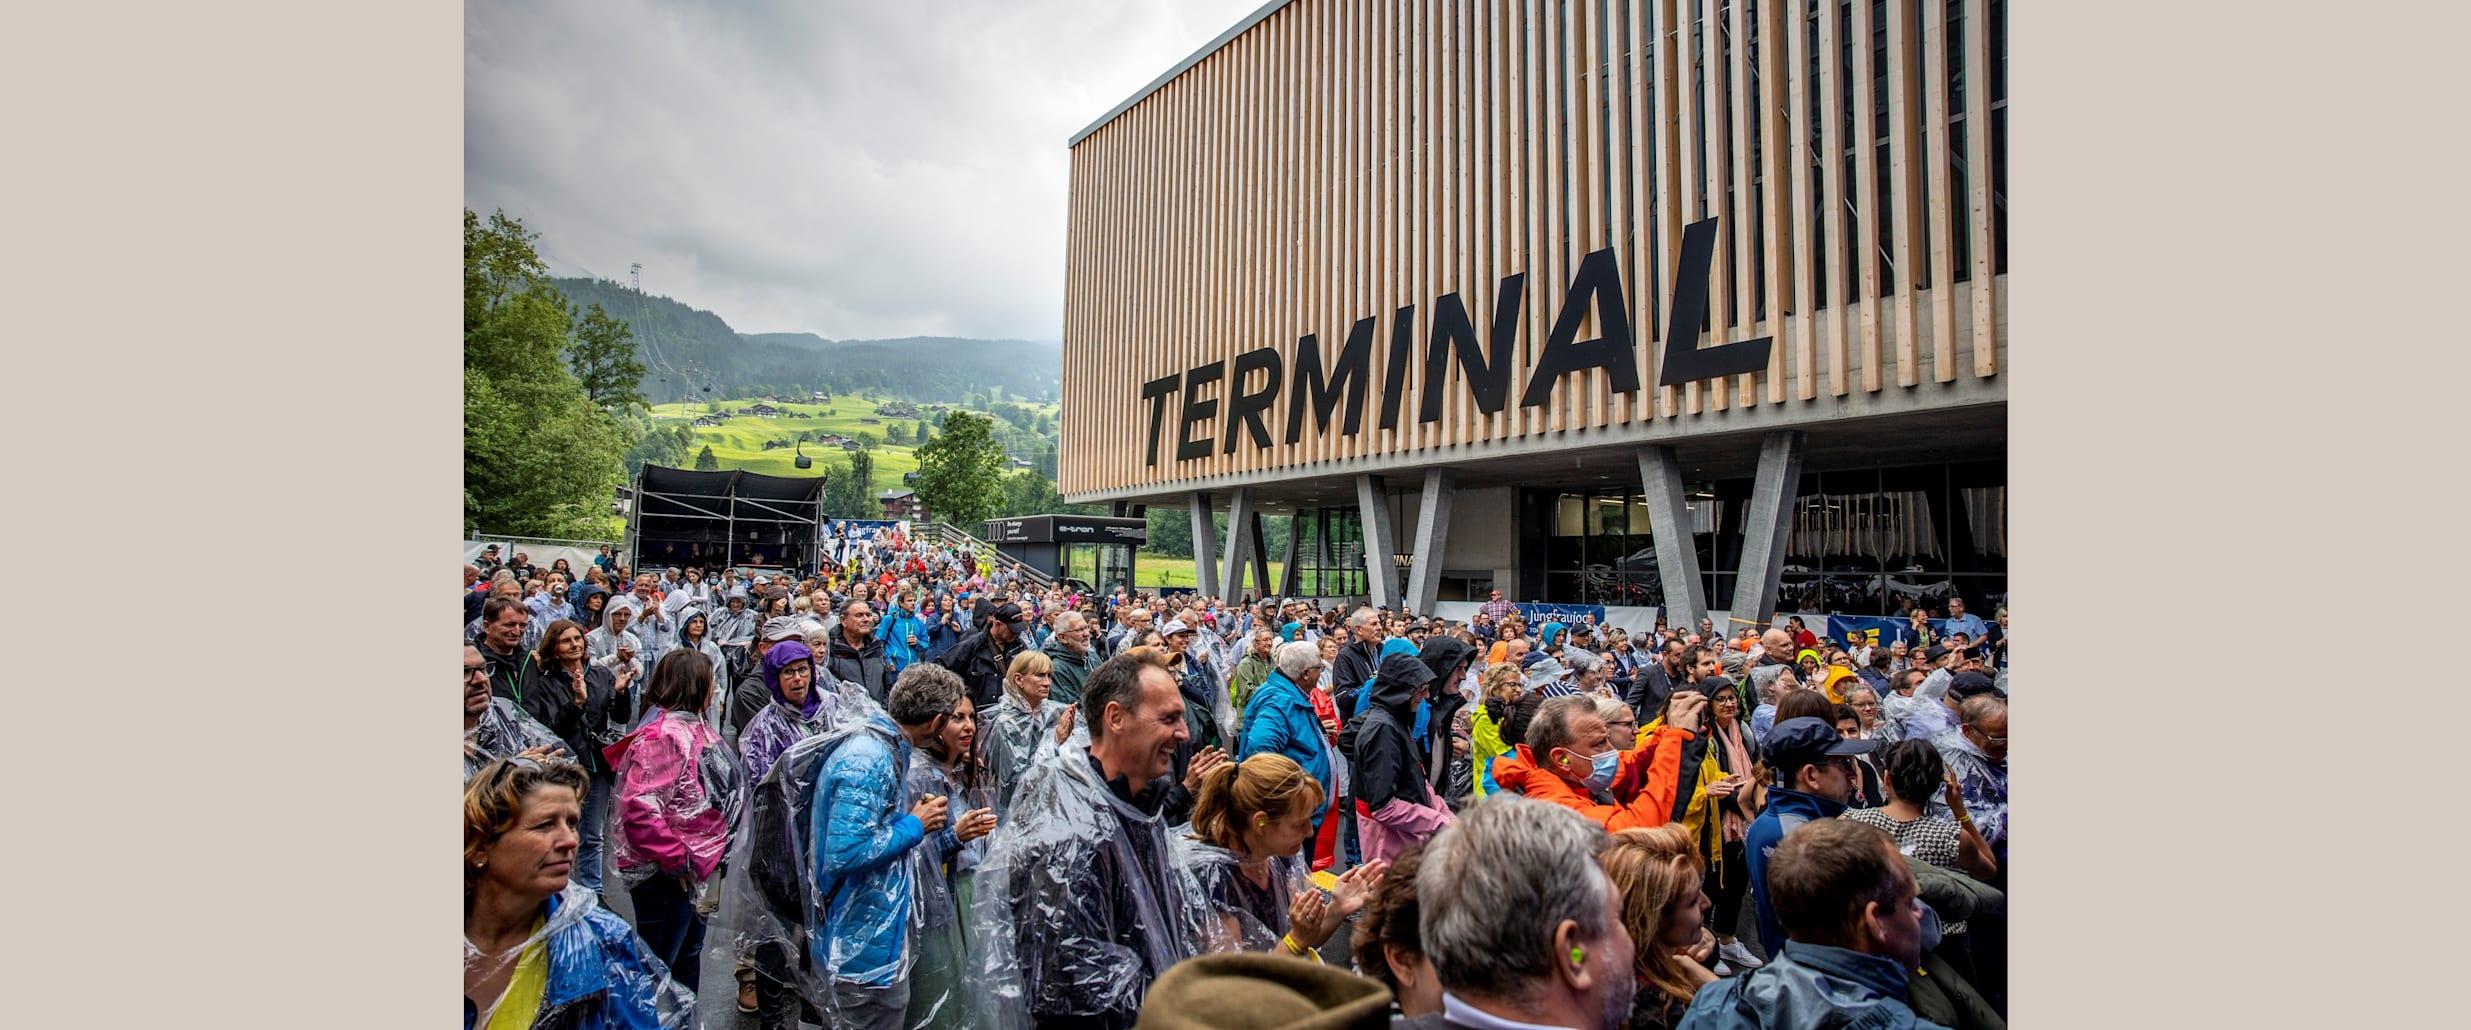 Zucchero Grindelwald Terminal Eiger Express